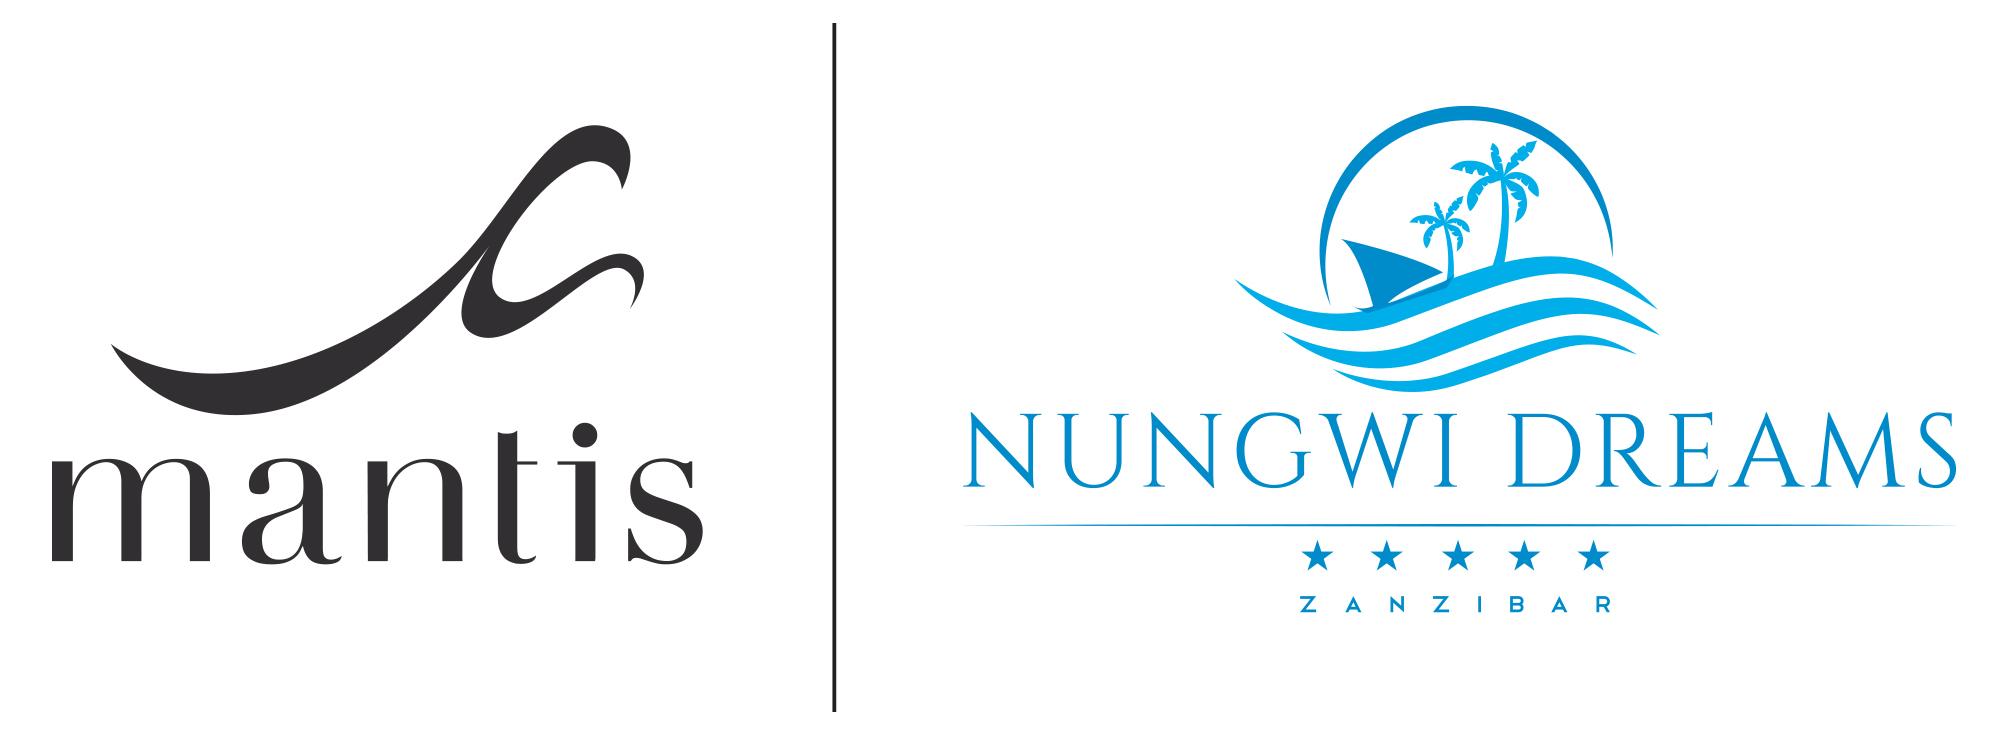 Nungwi Dreams by Mantis - Zanzibar Logo